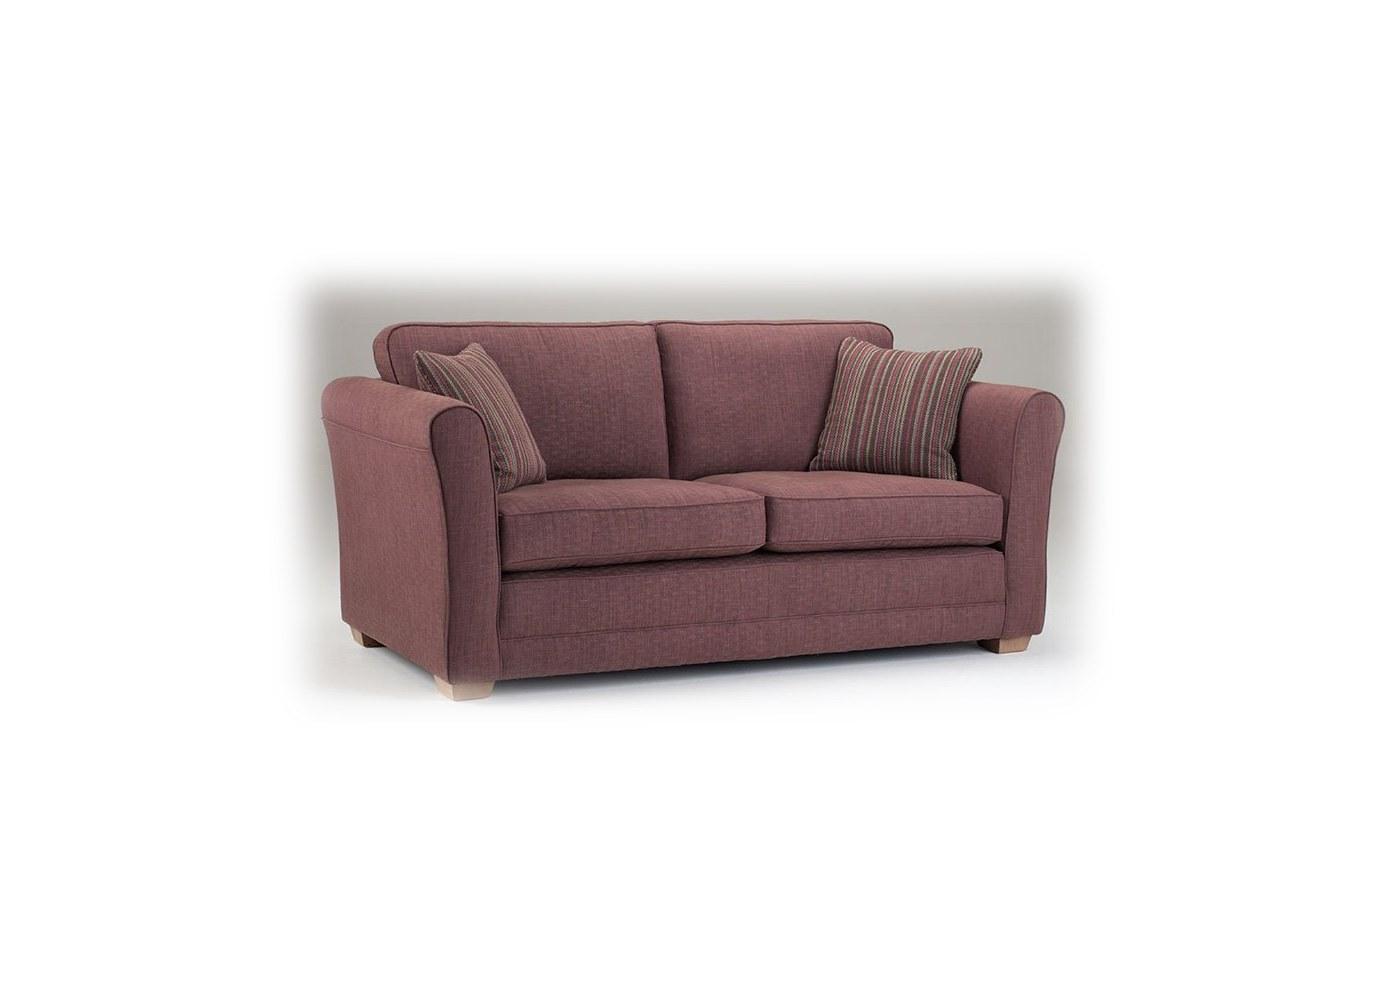 Venton Sofa